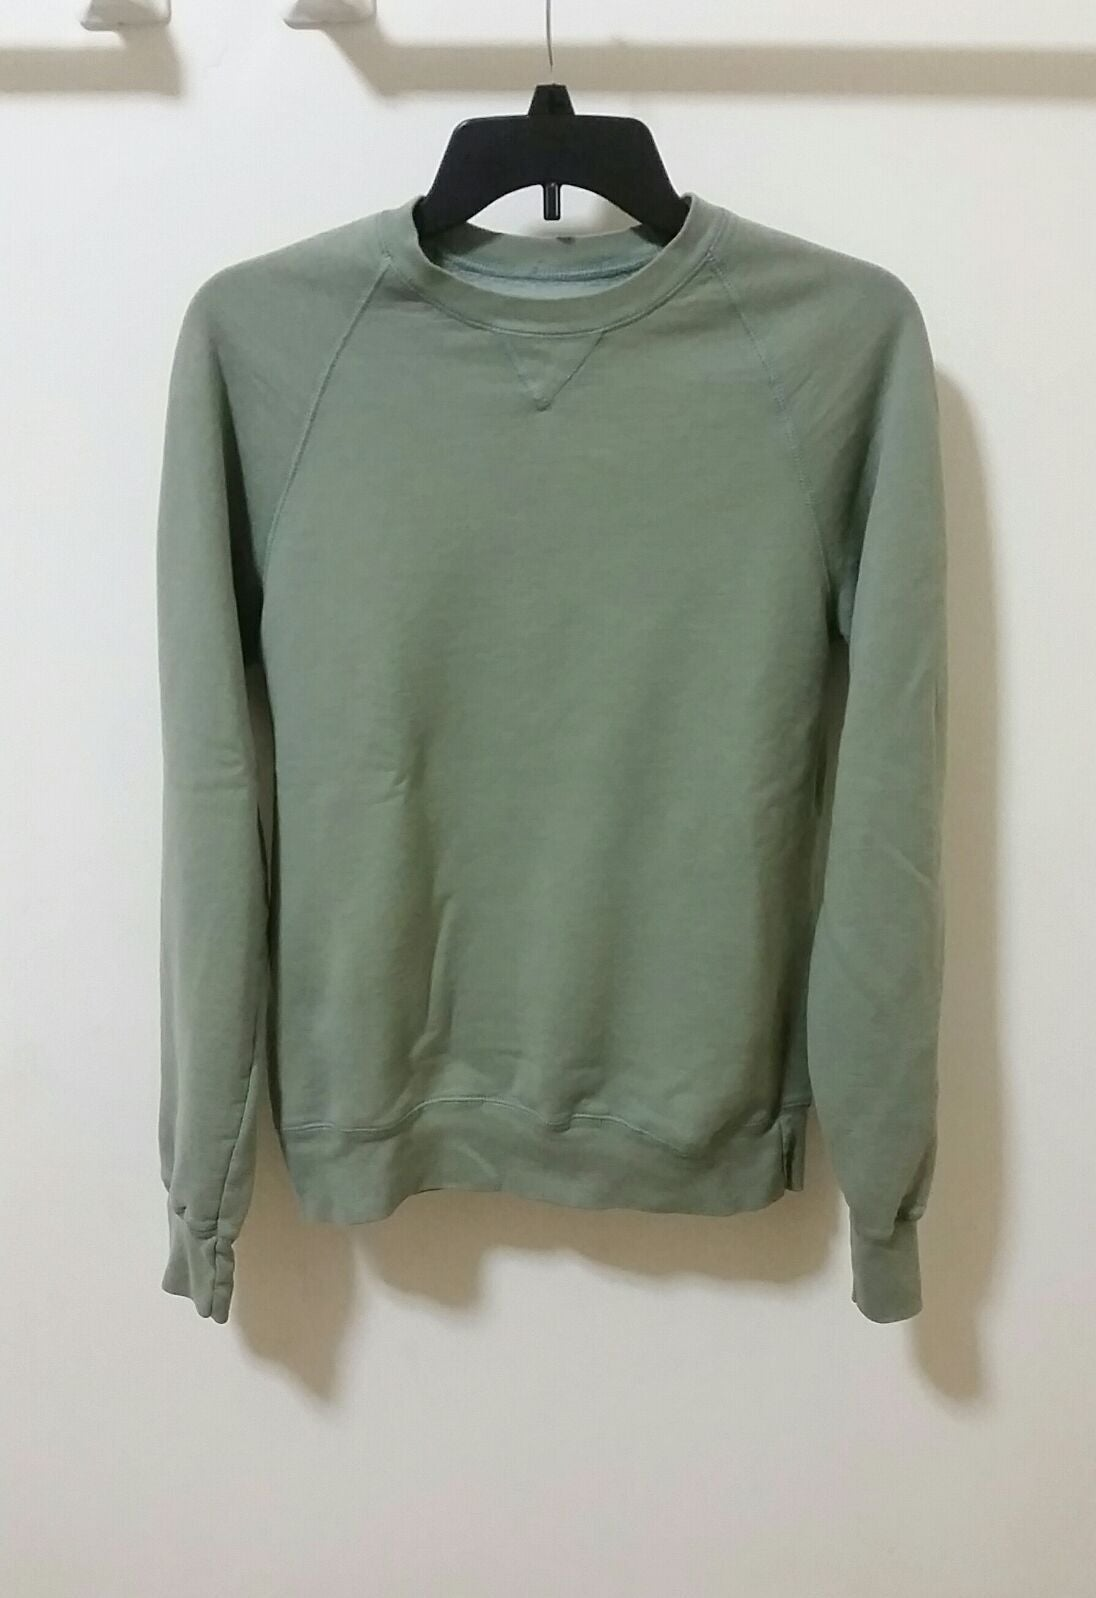 New Brandy fleece  crew sweatshirt